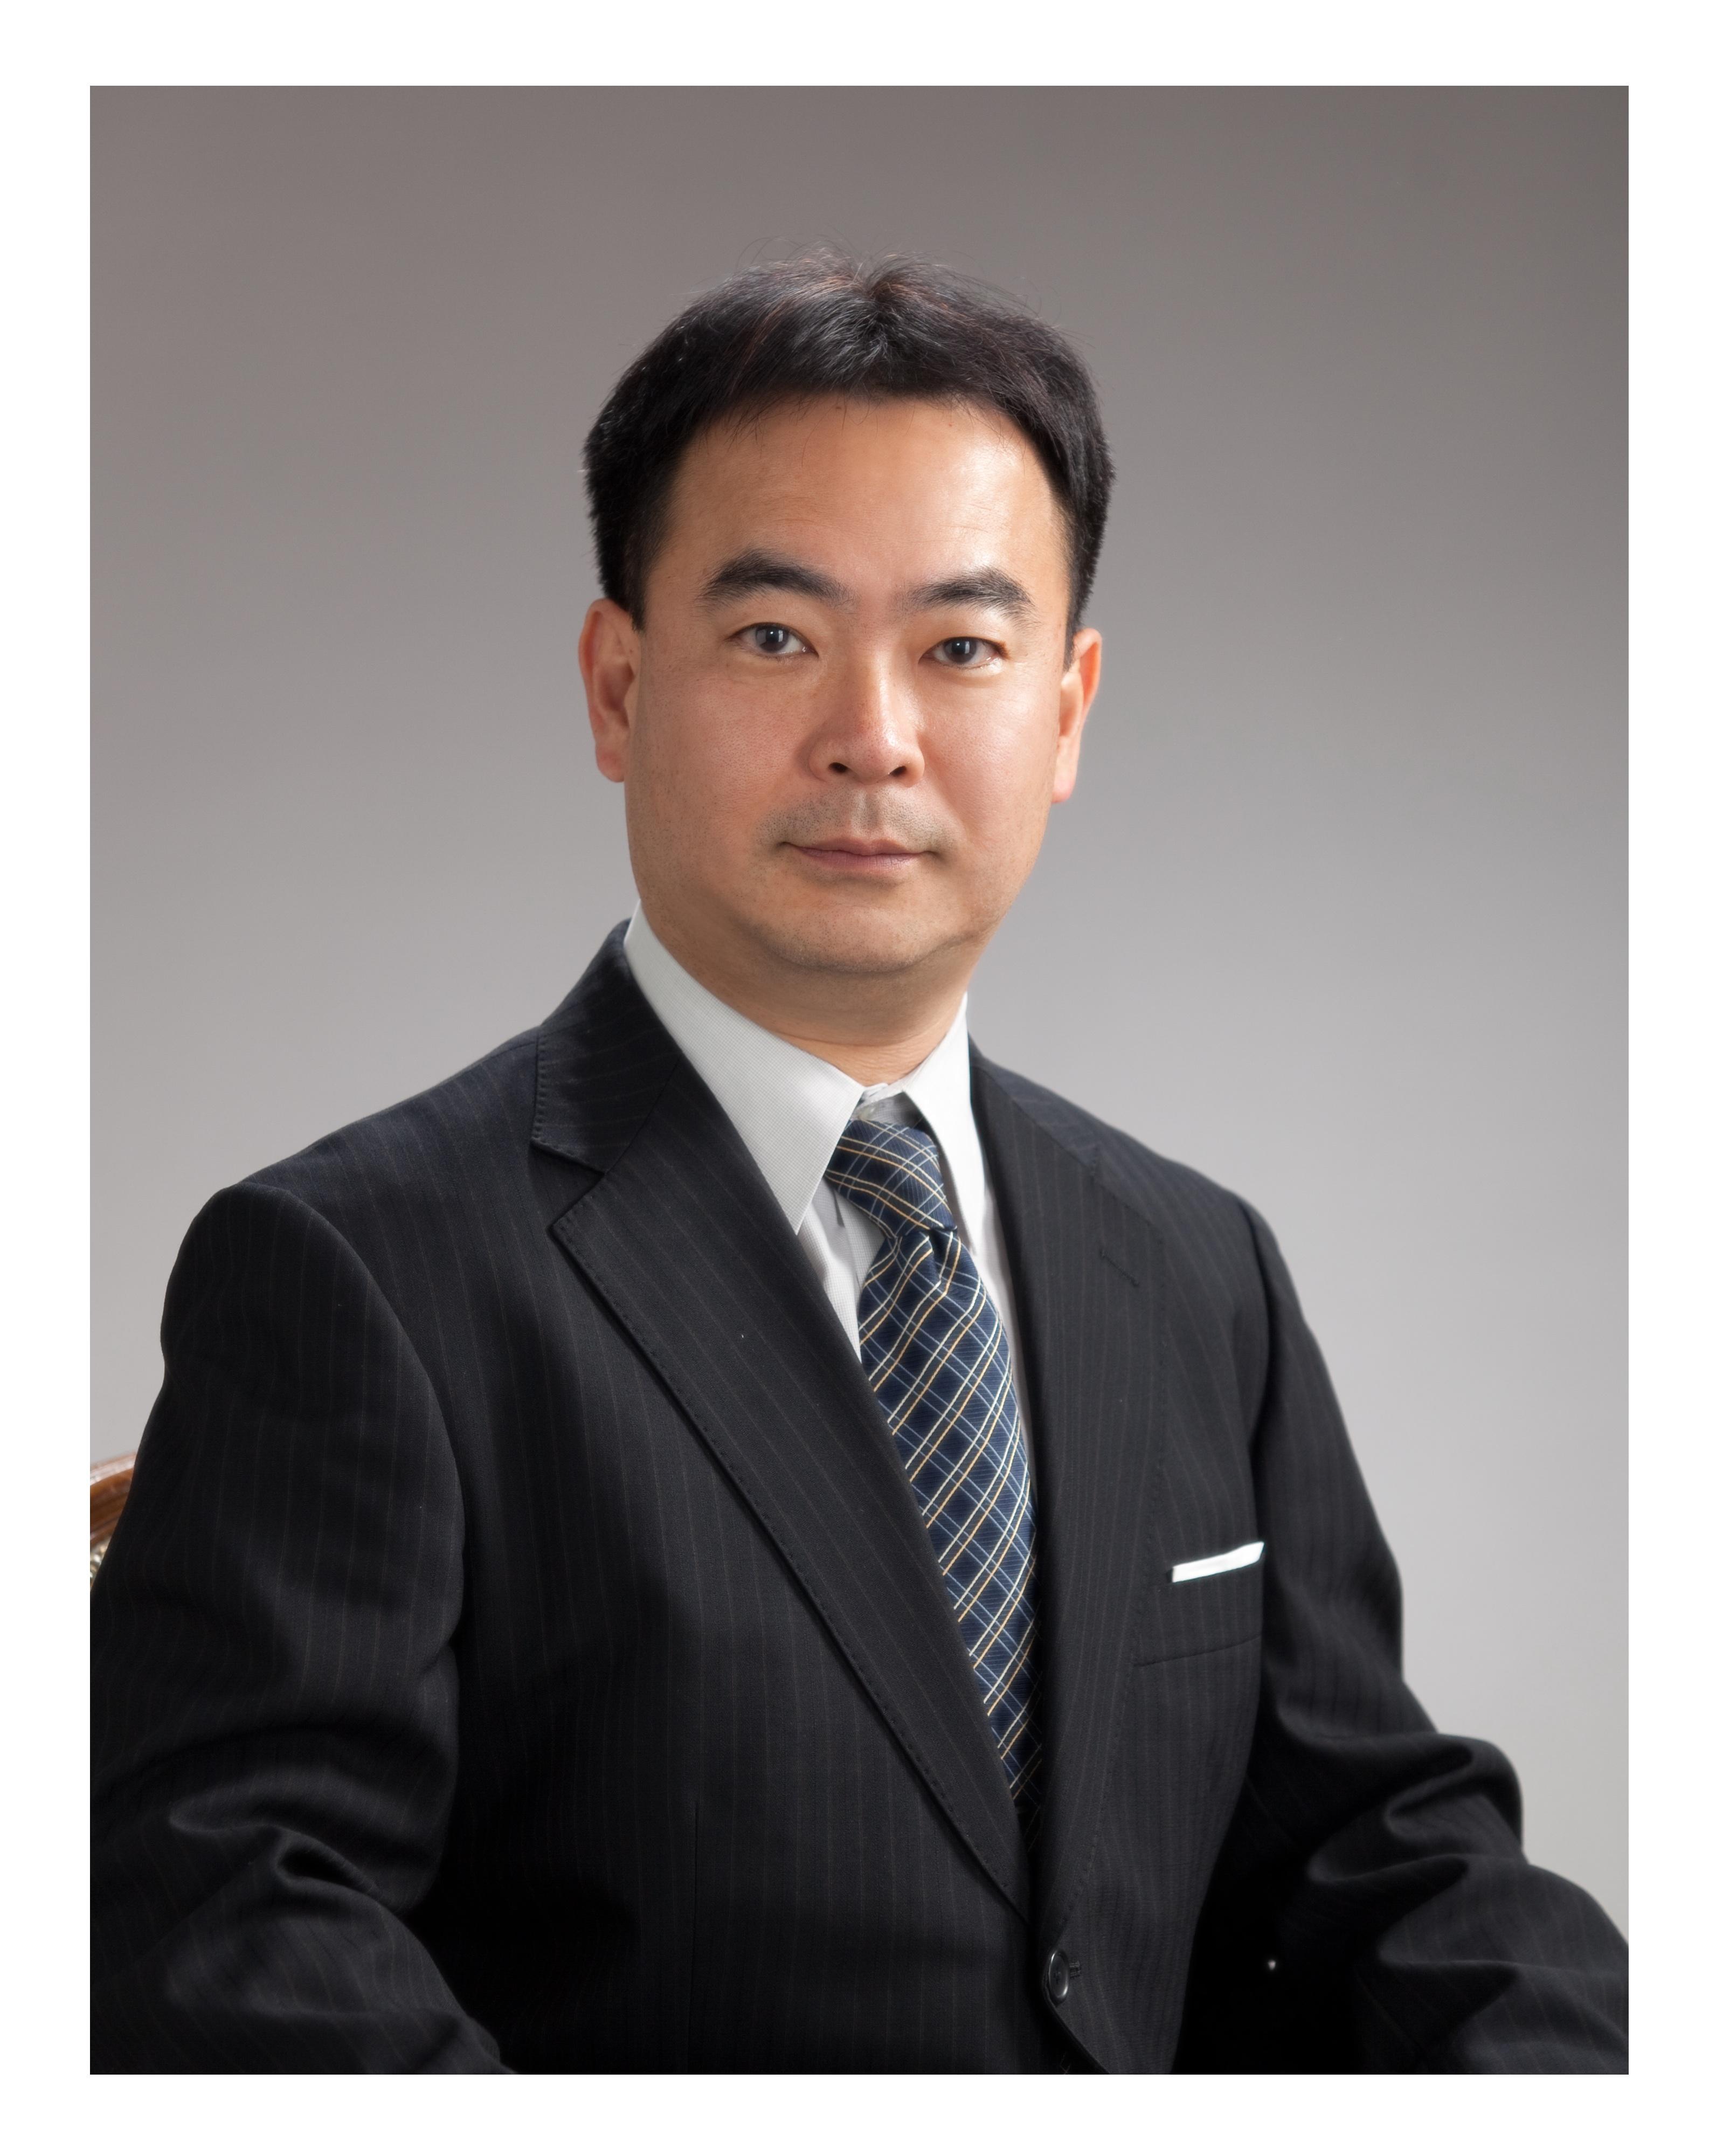 Hironobu Ihn